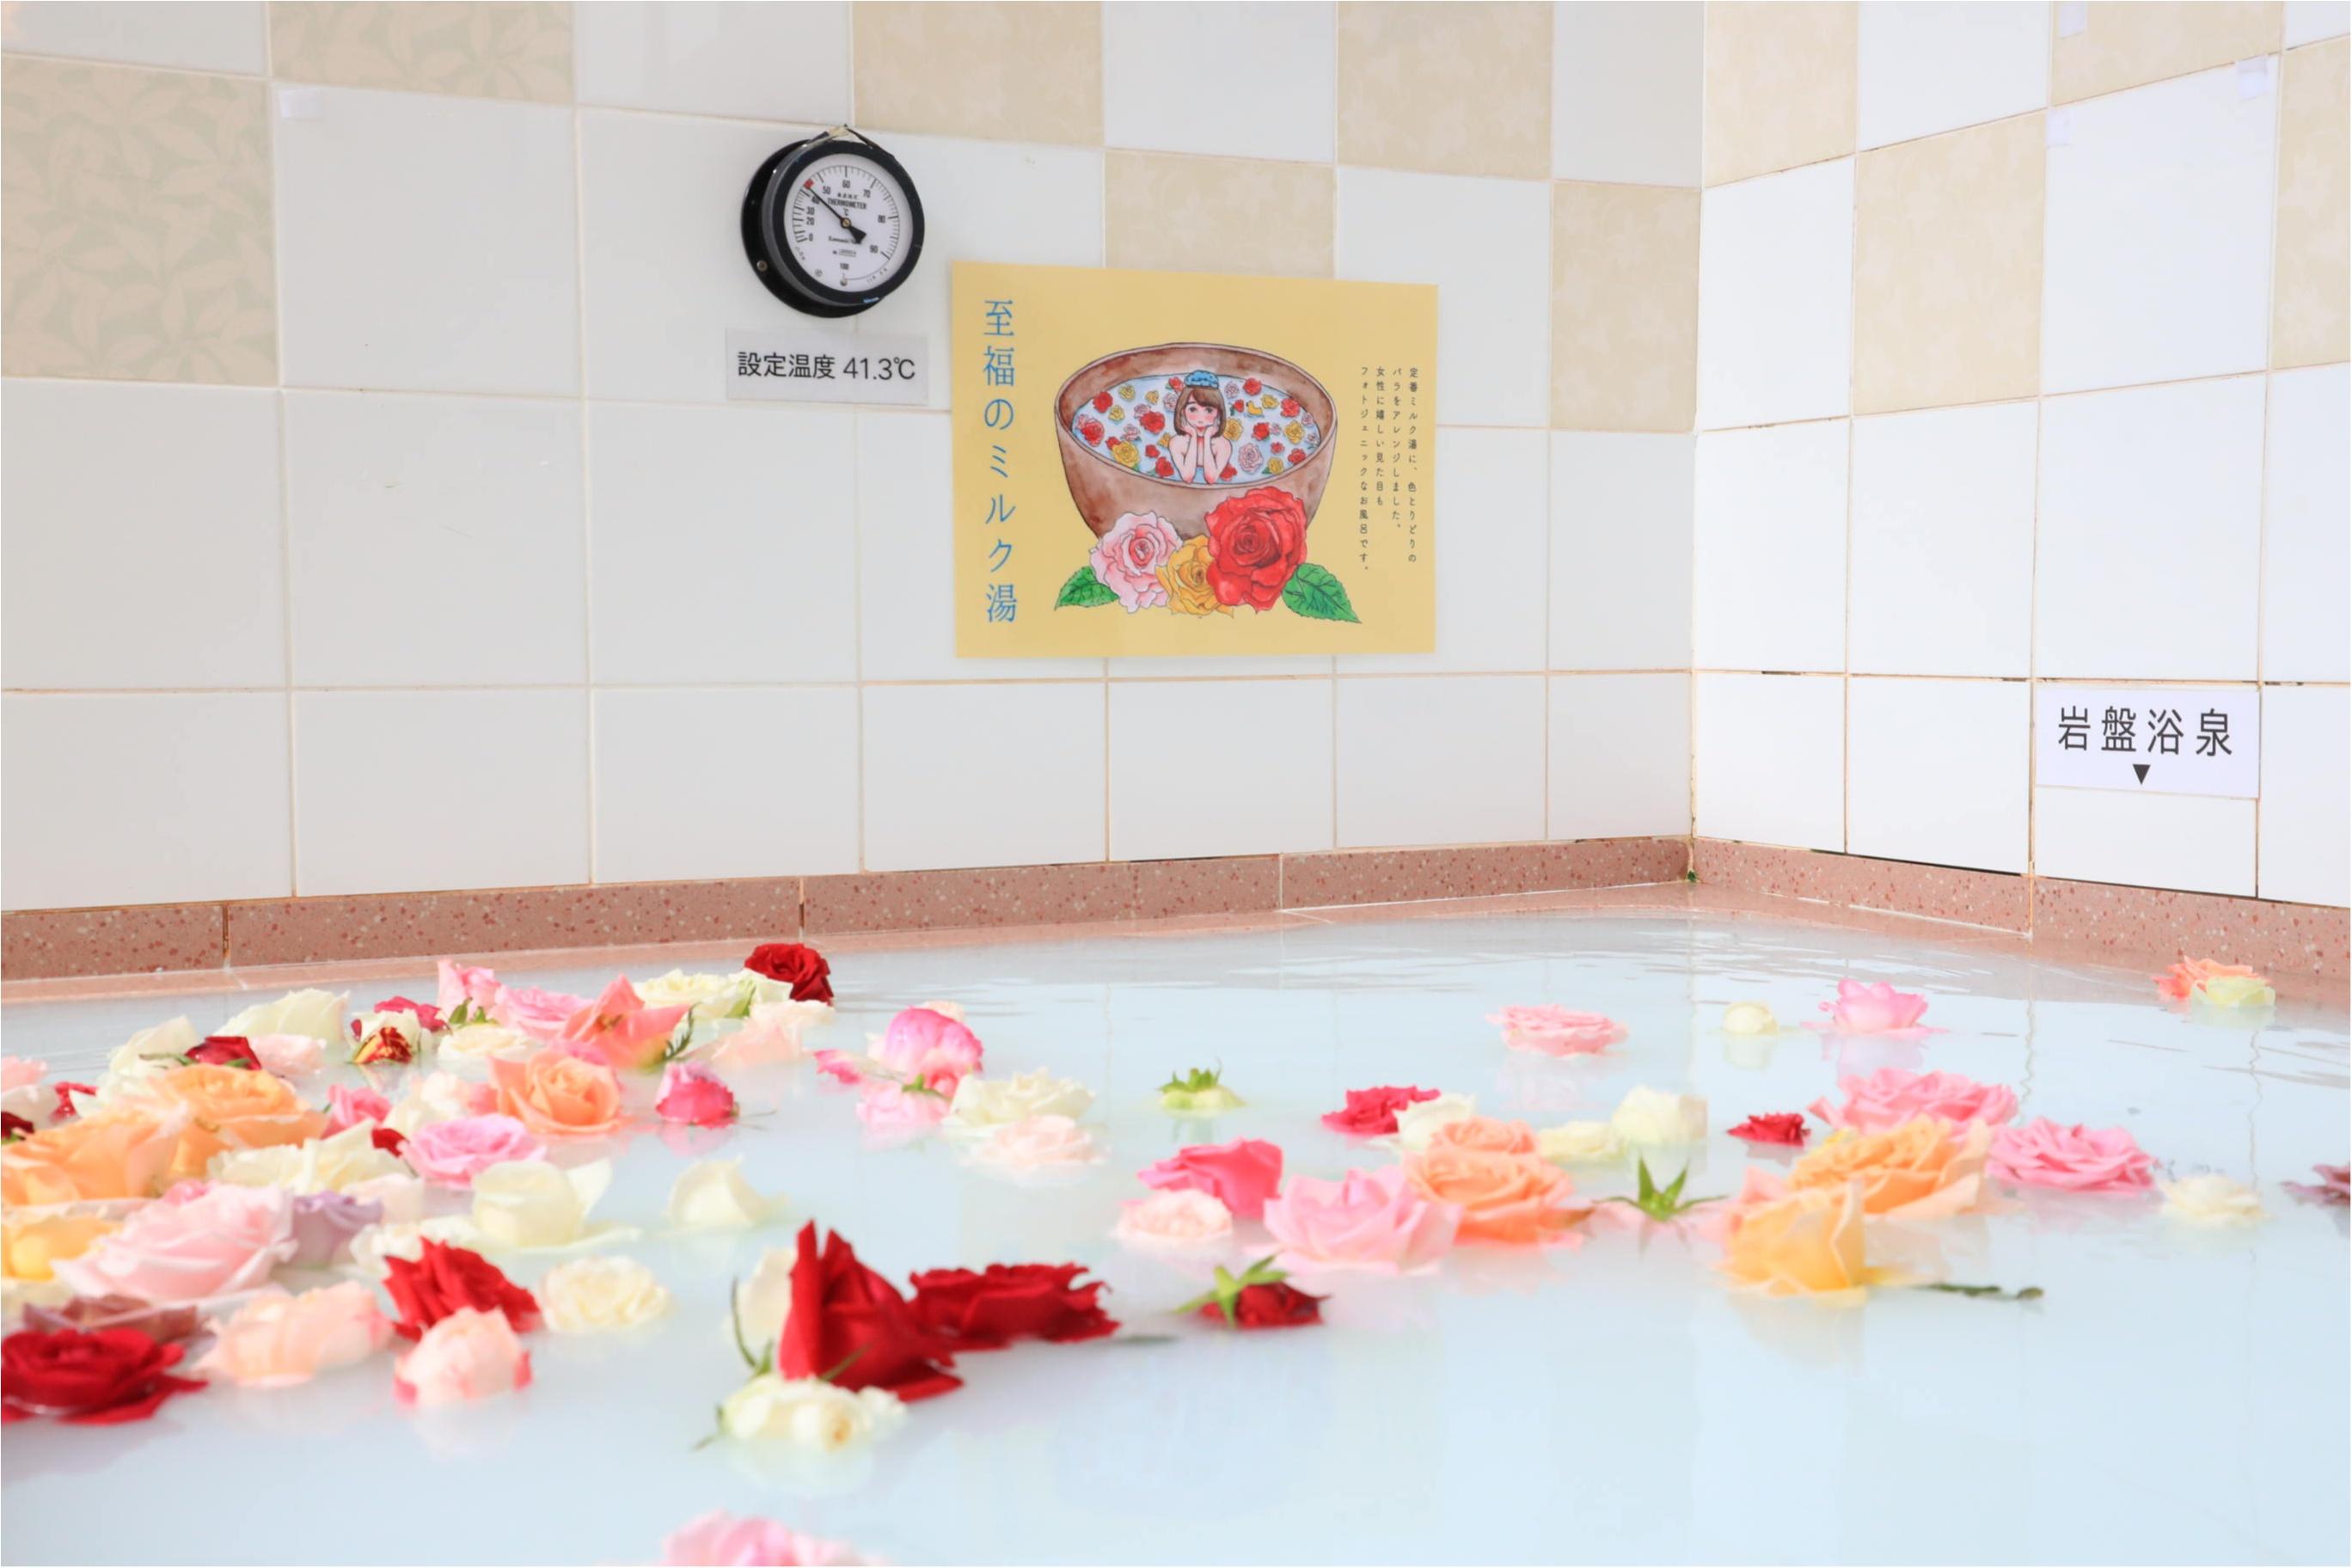 果実風呂にバラ風呂まで!? 高円寺の『小杉湯』が10/15(日)まで『至福のひととき湯』に変身中♡_1_4